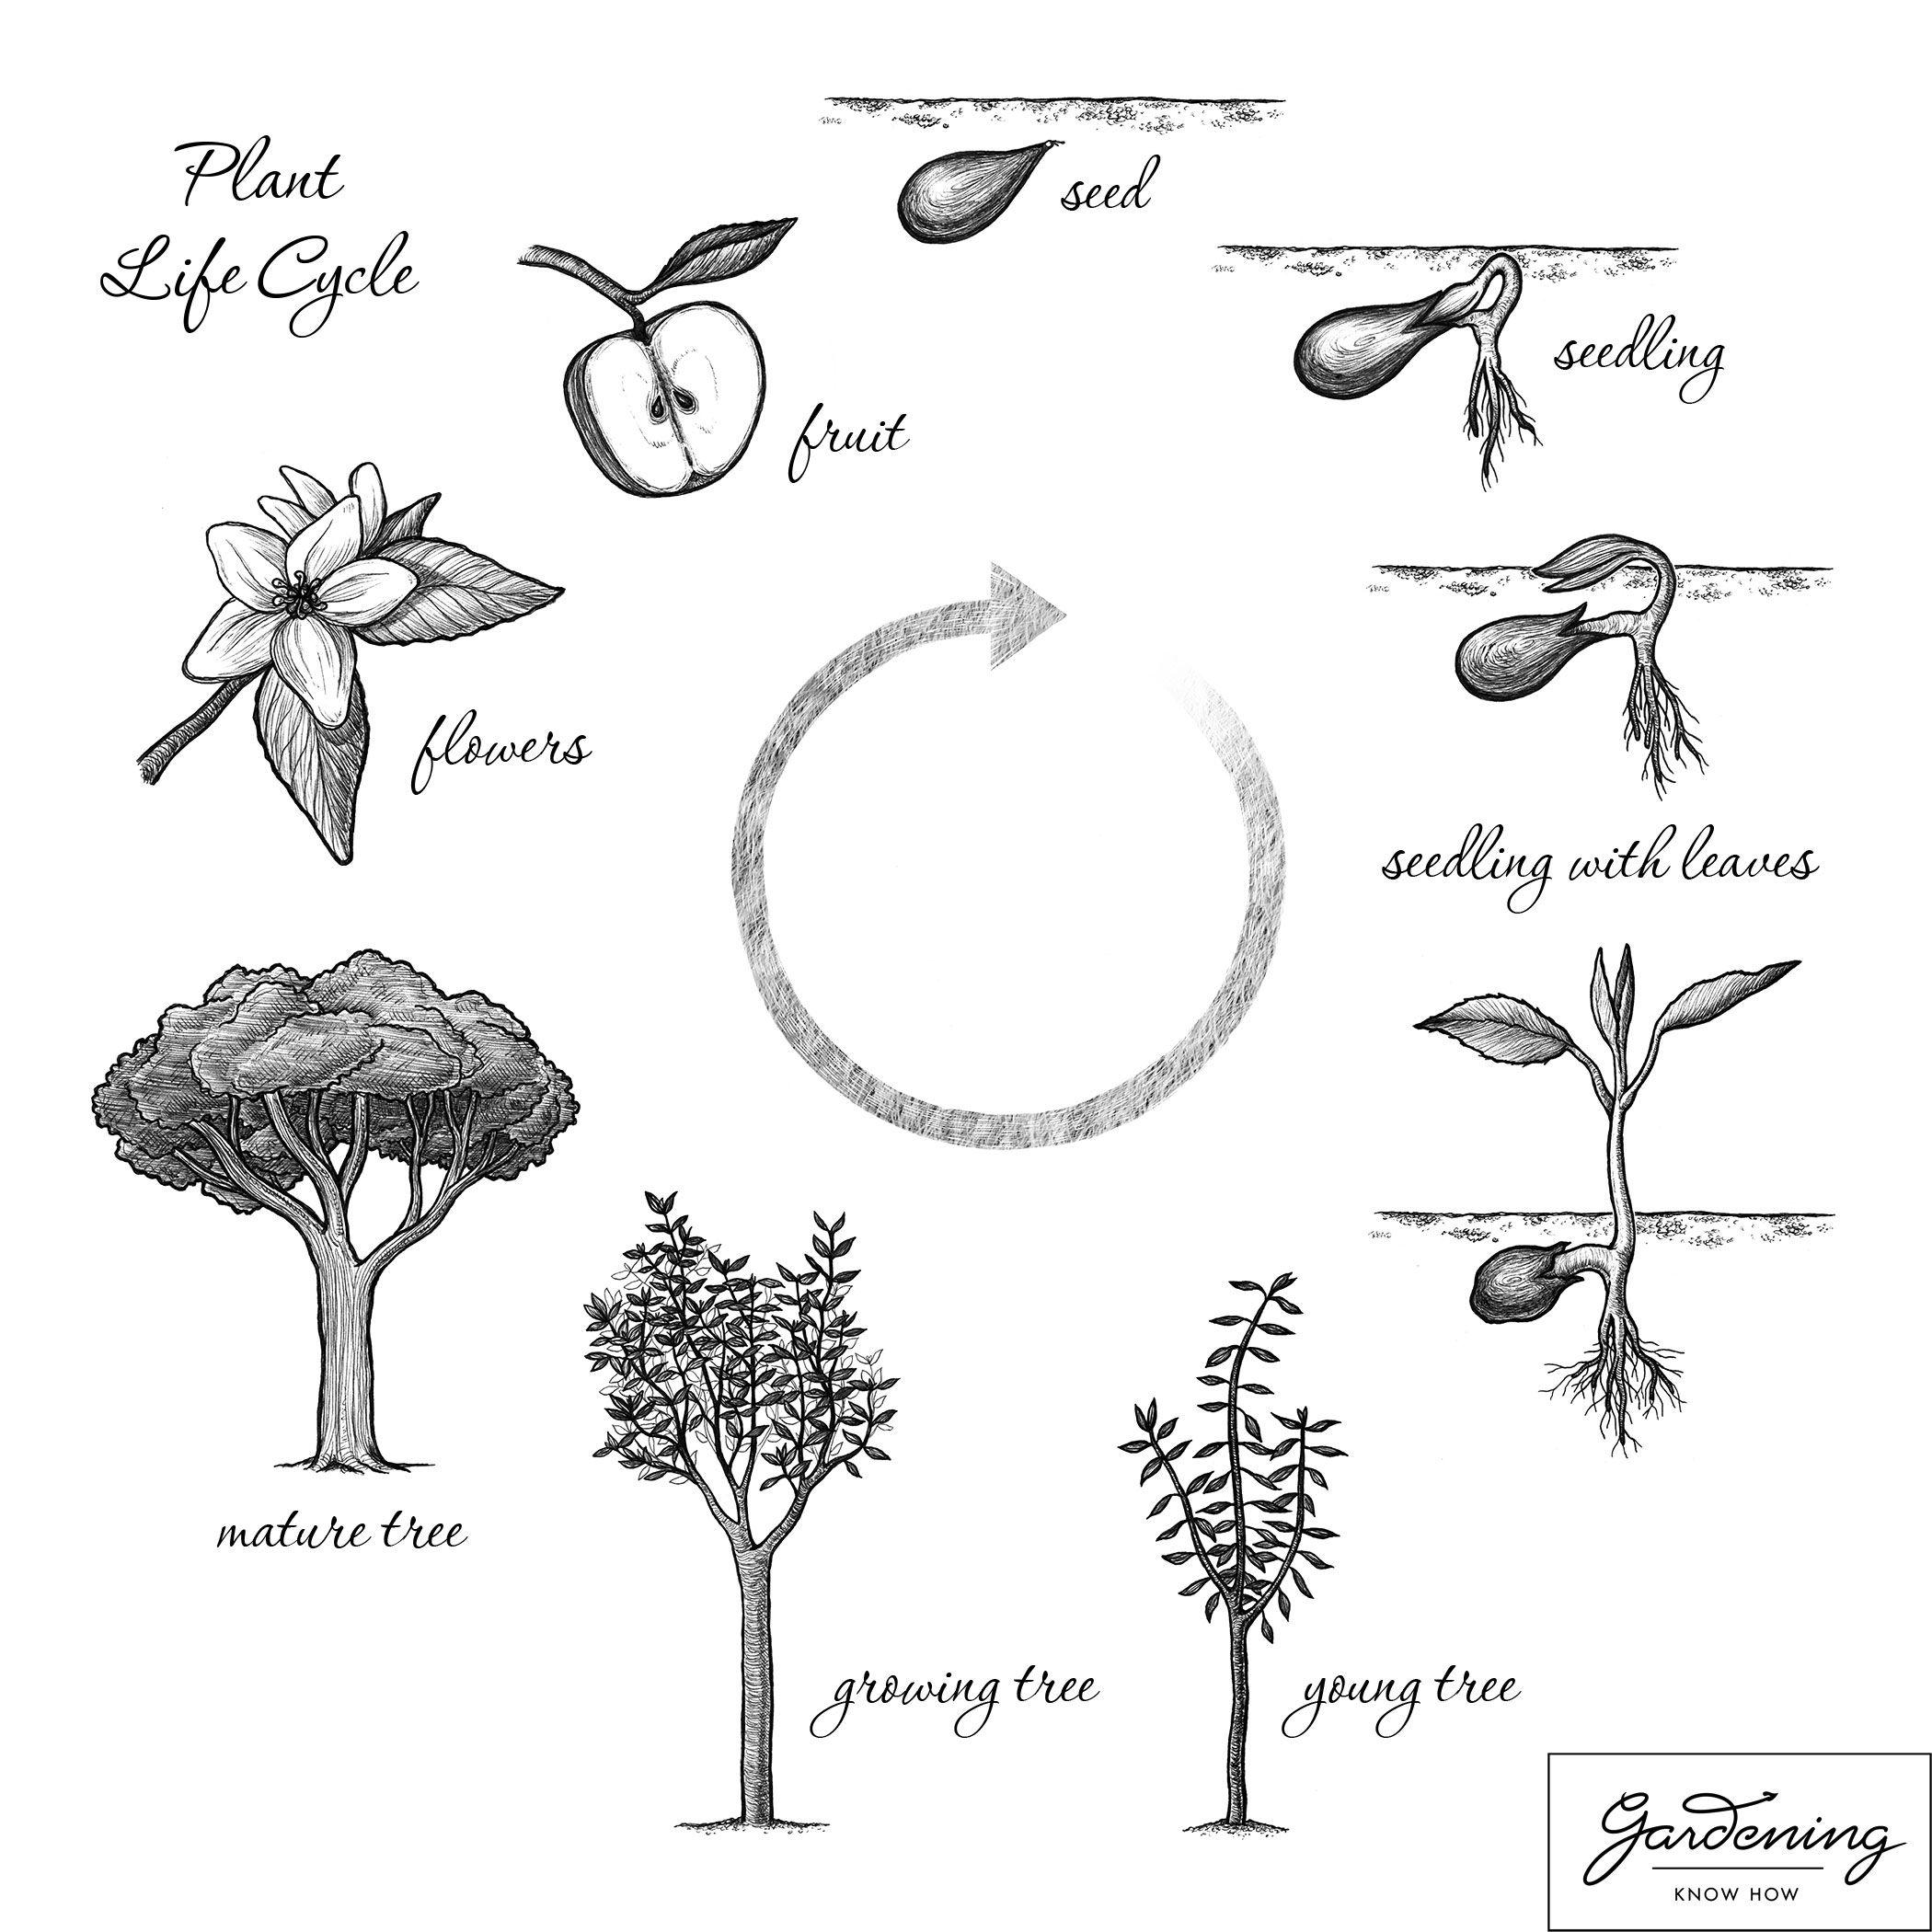 Plant Life Cycle Drawing At Getdrawings